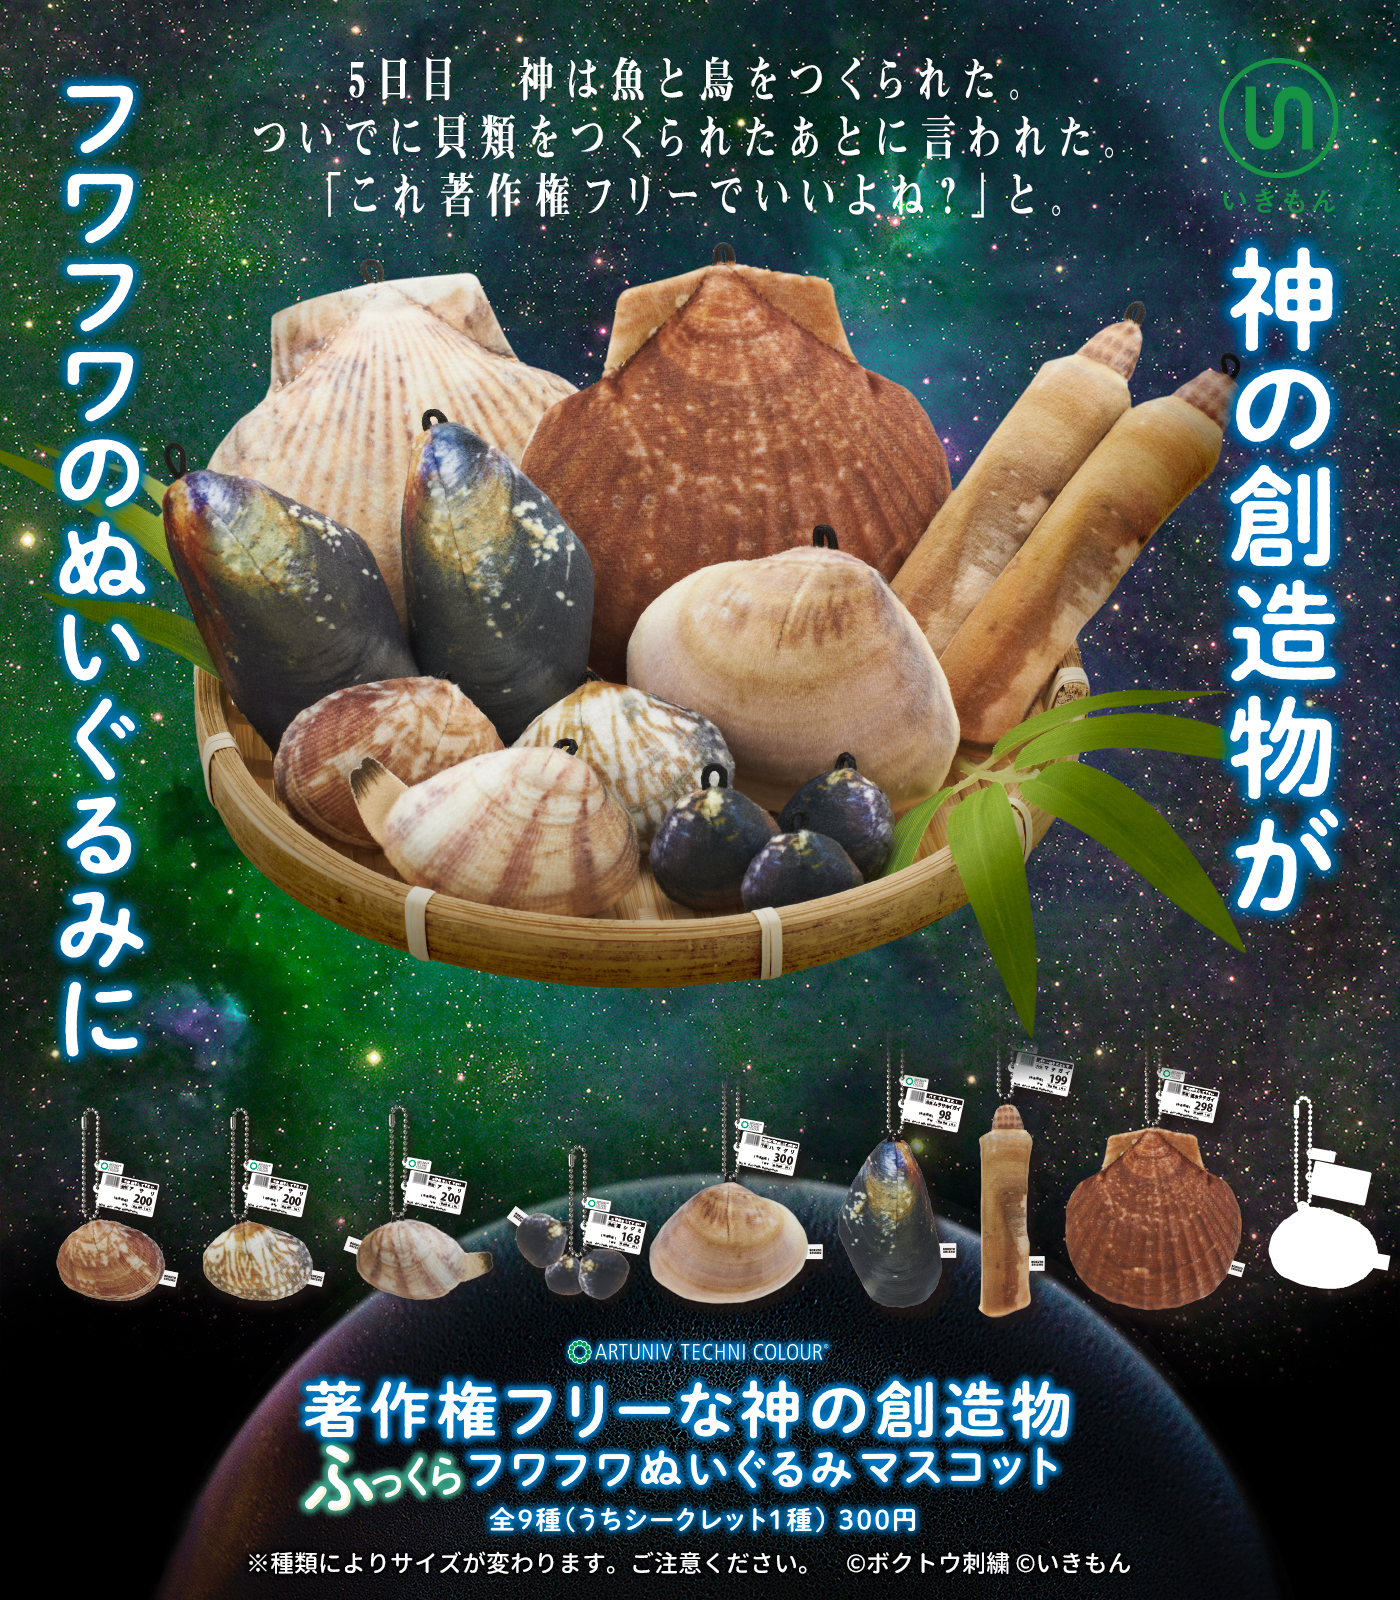 貝のぬいぐるみカプセルトイ(ガチャガチャ)発売中です!